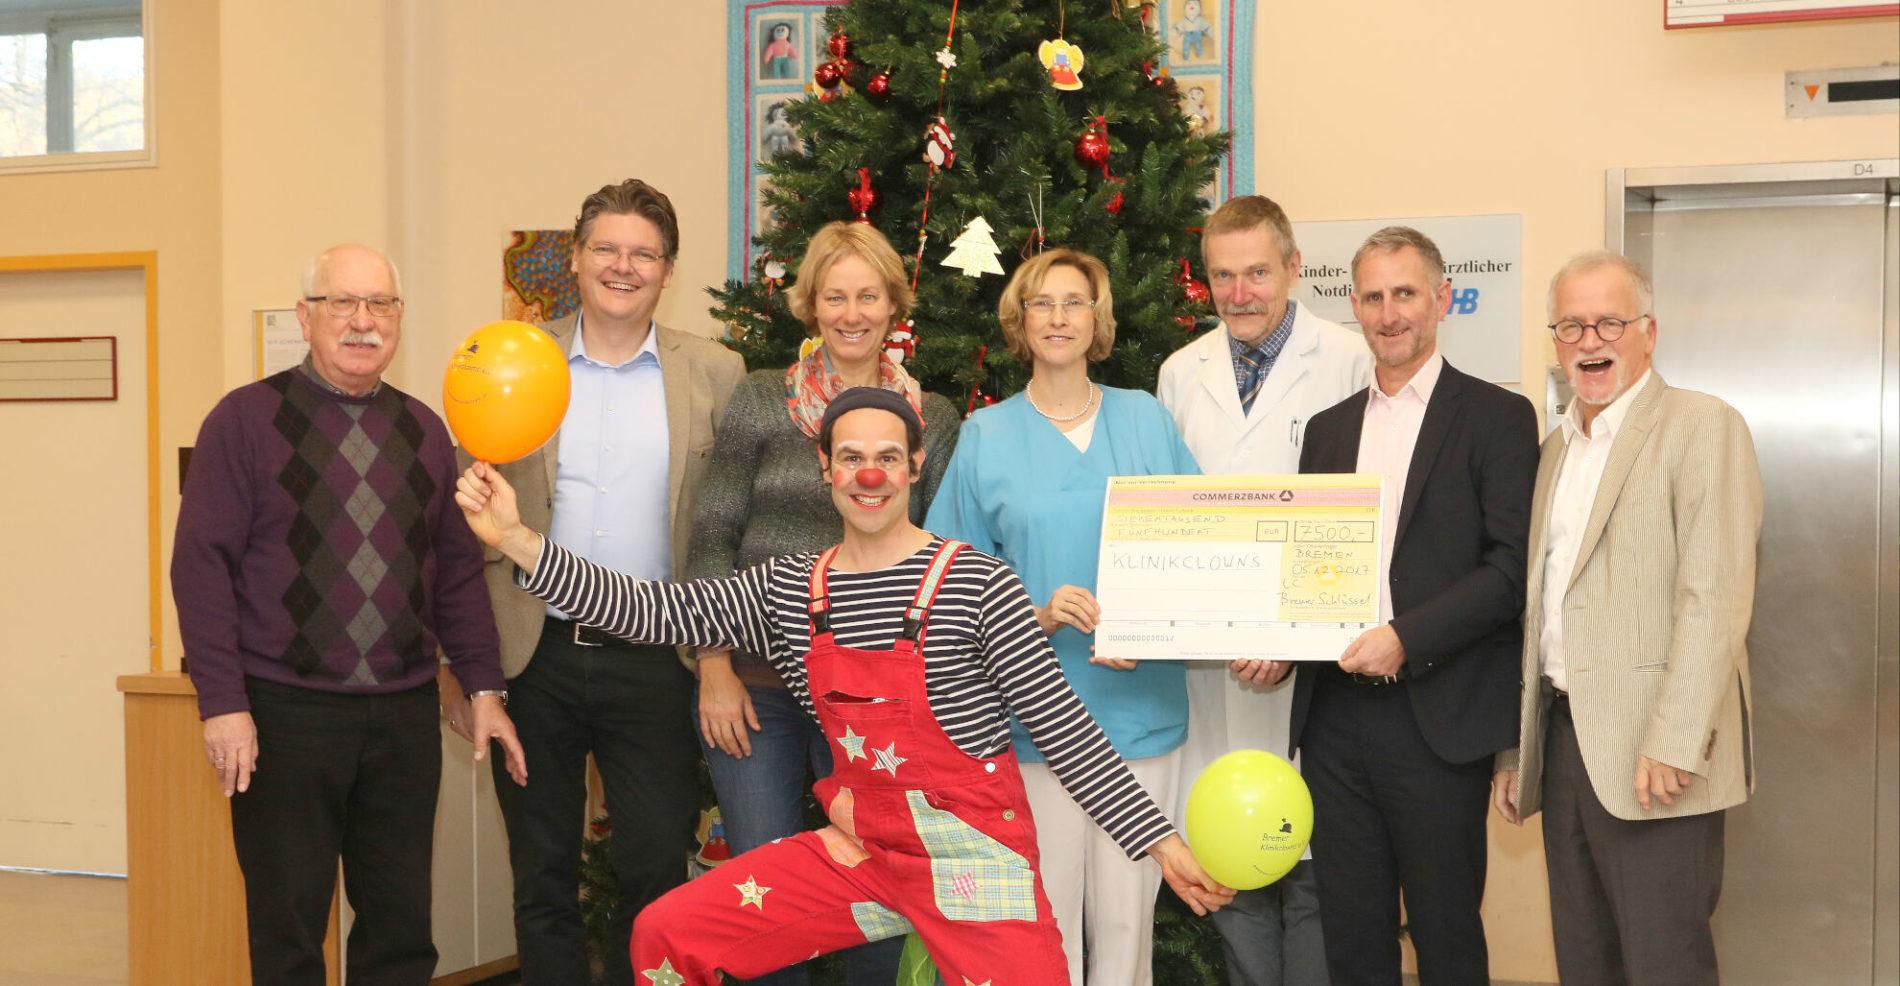 Bremer Klinikclowns Spenden